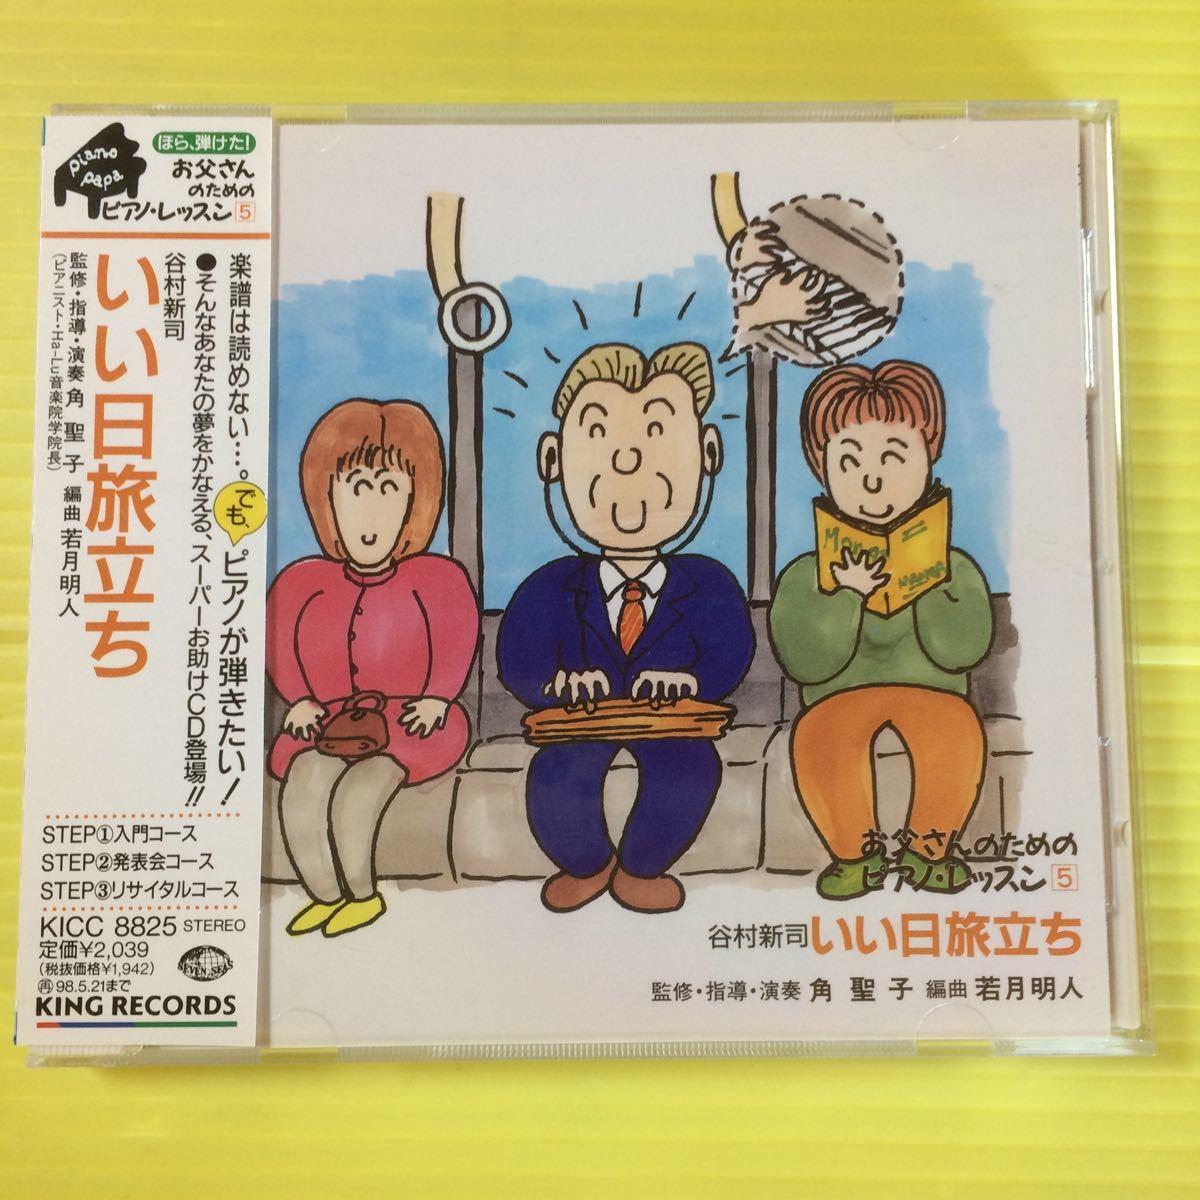 ● ほら,弾けた!お父さんのためのピアノ・レッスン 5 いい日旅立ち(CD)【型番号】KICC-8825